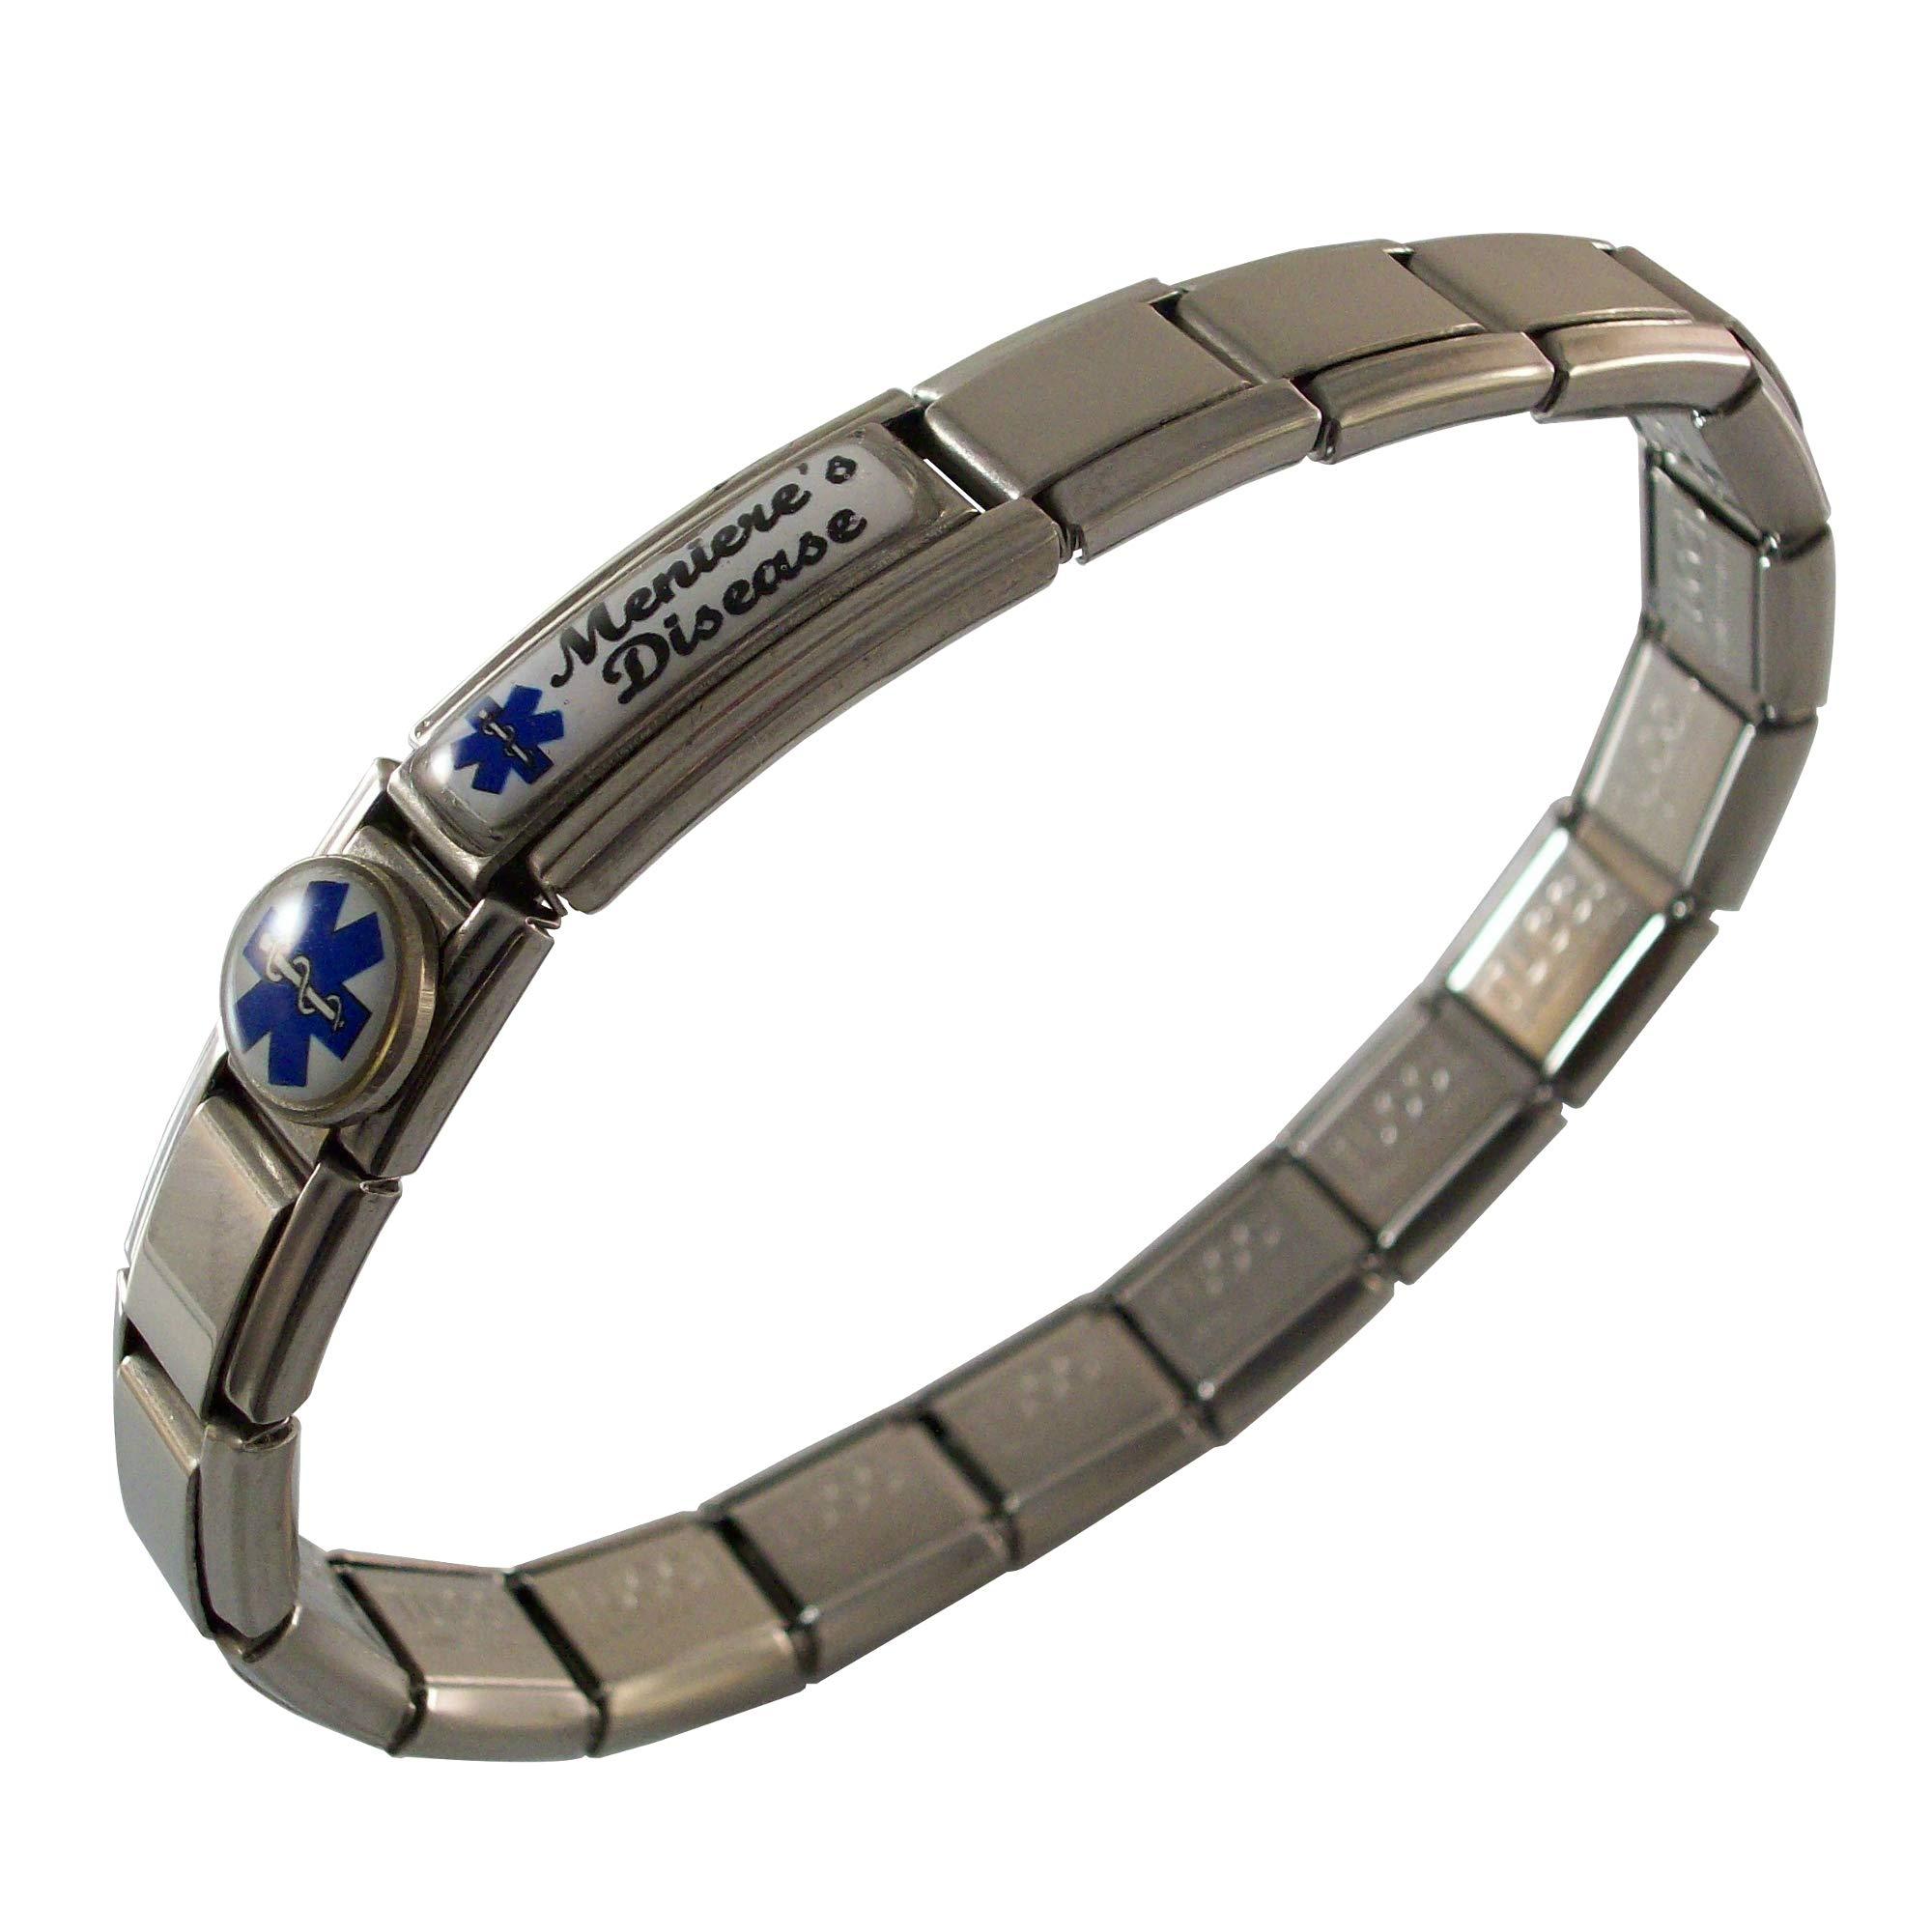 Gadow Jewelry Meniere's Disease Medical ID Alert Italian Charm Bracelet